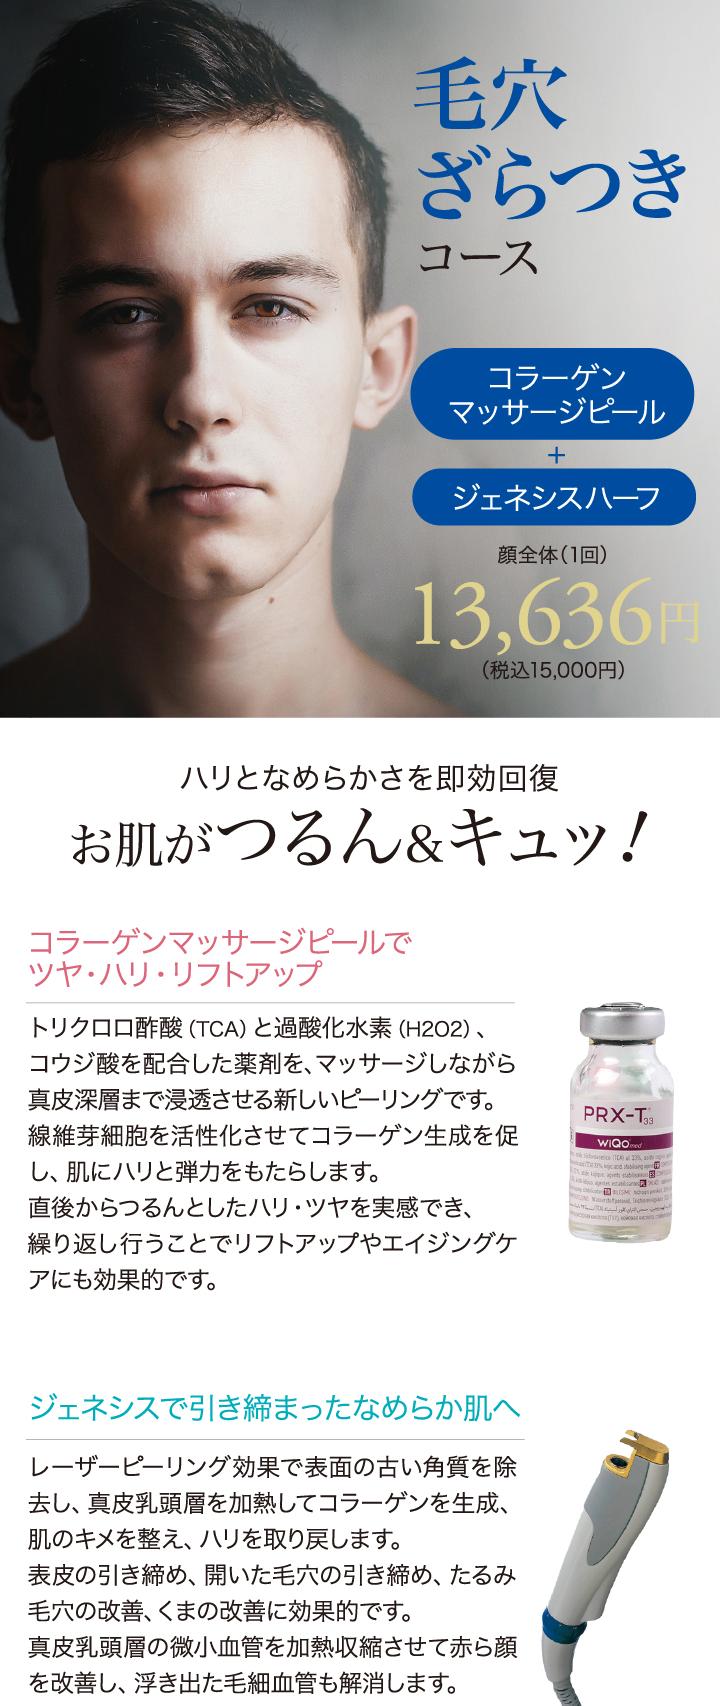 毛穴・ざらつき【マッサージピール+ジェネシスハーフ】